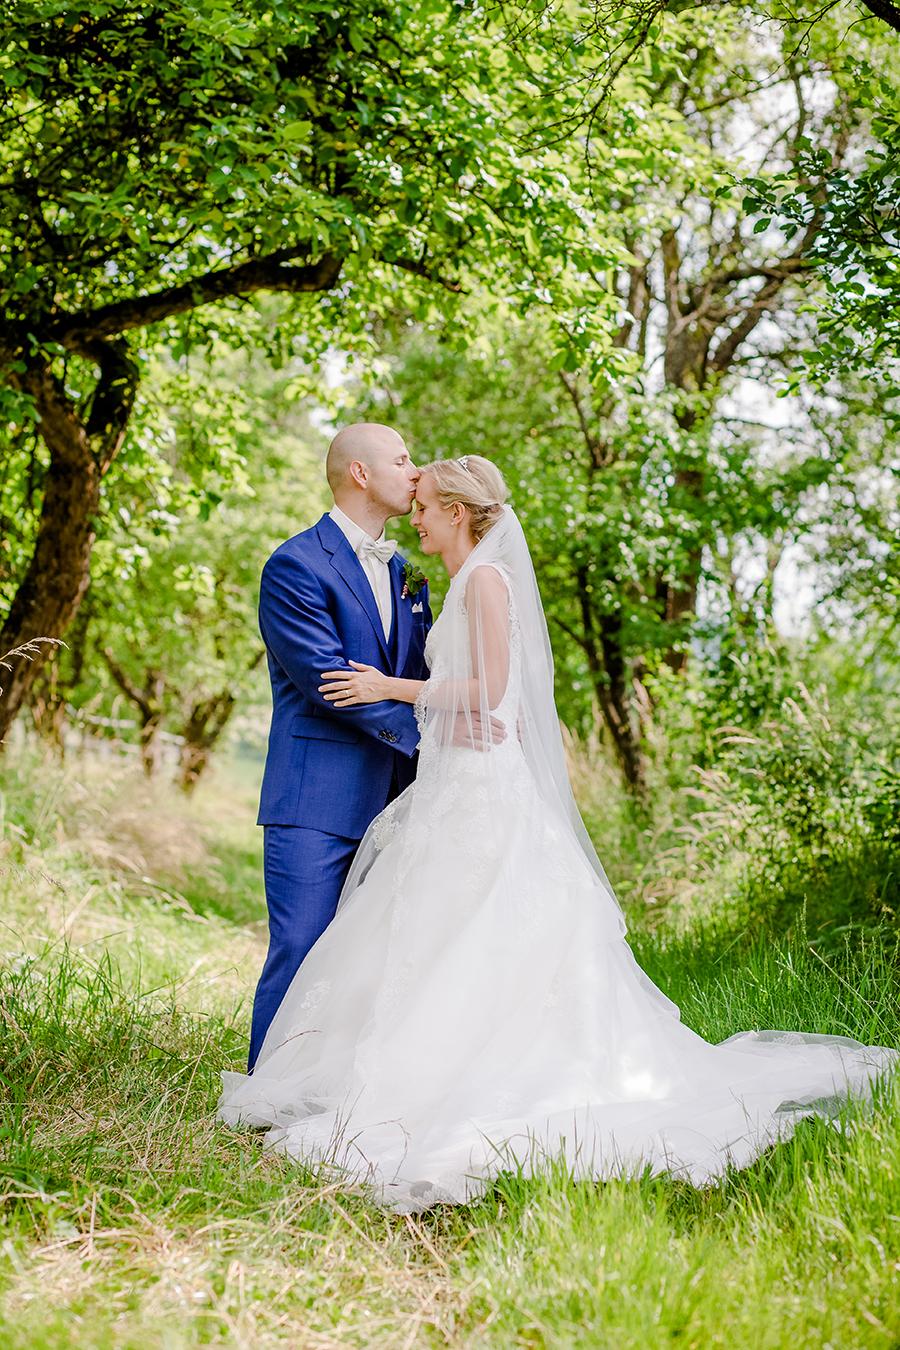 DPP 031 - Wedding